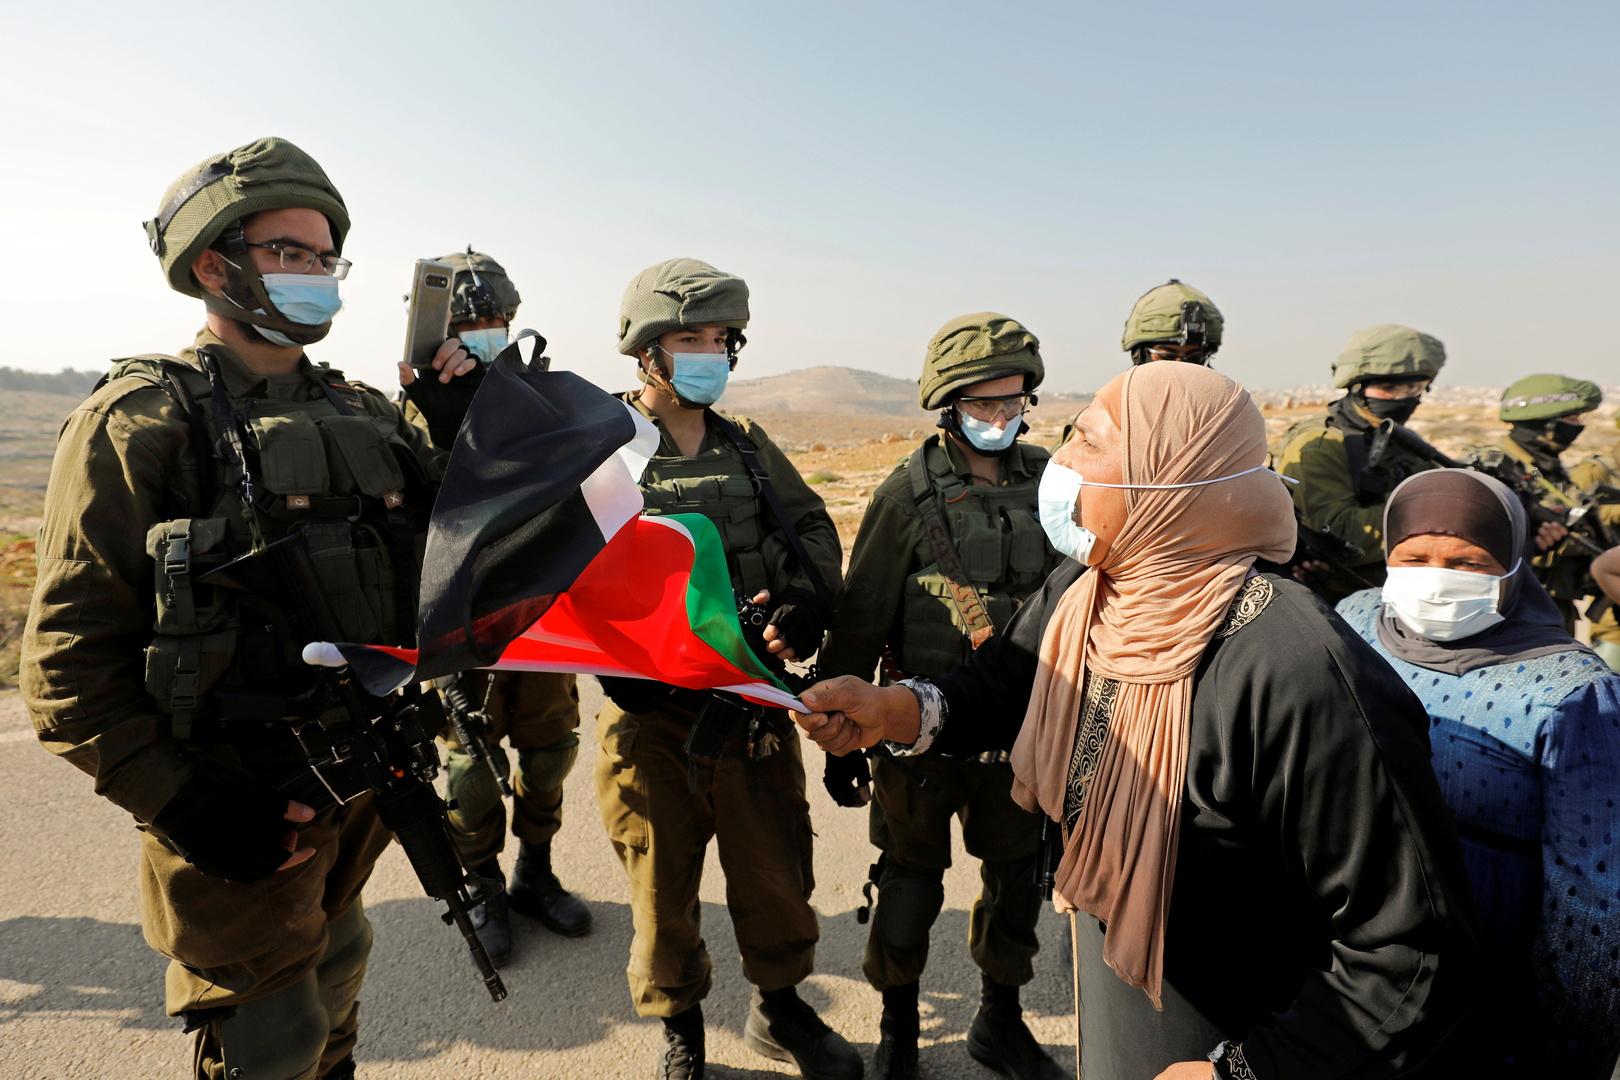 القوات الإسرائيلية تفض فعالية نسوية في الطور وتعتقل سيدتين